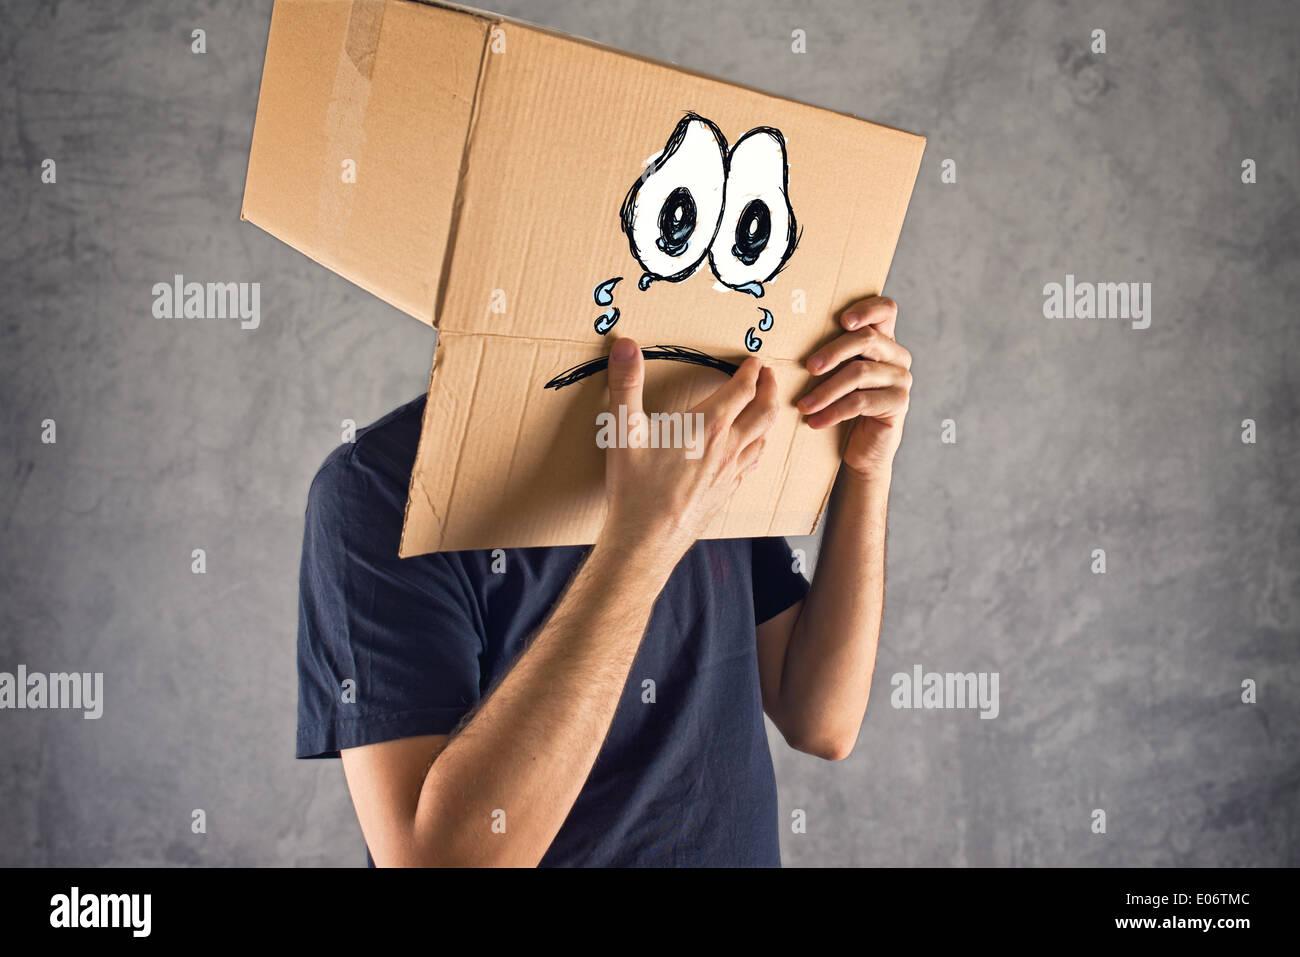 Homme avec boîte en carton sur la tête et visage pleurant triste expression. Concept de tristesse et dépression. Photo Stock